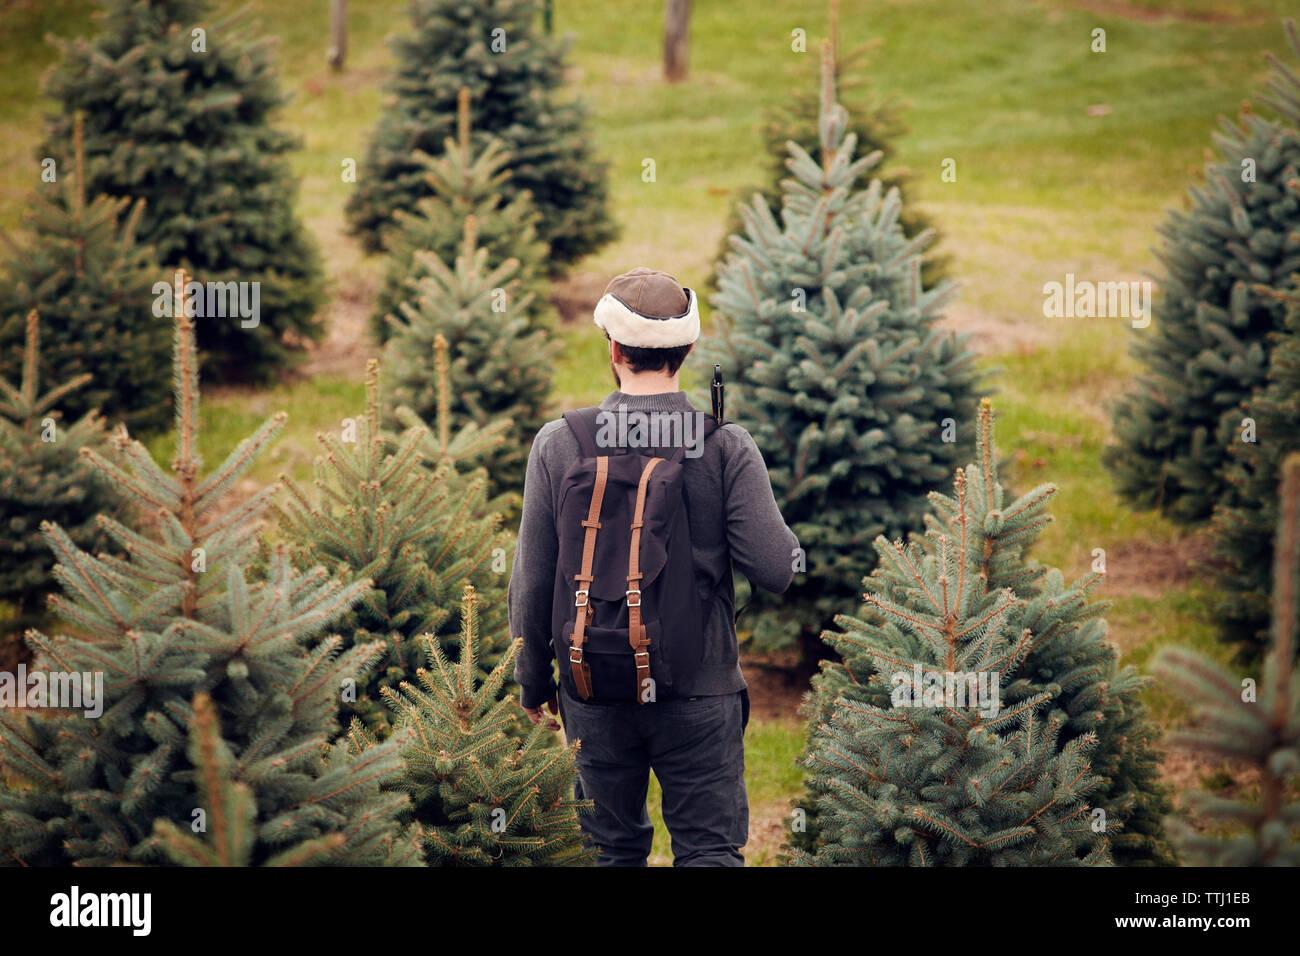 Vista trasera del hombre con mochila caminando en Pine Tree Farm Foto de stock